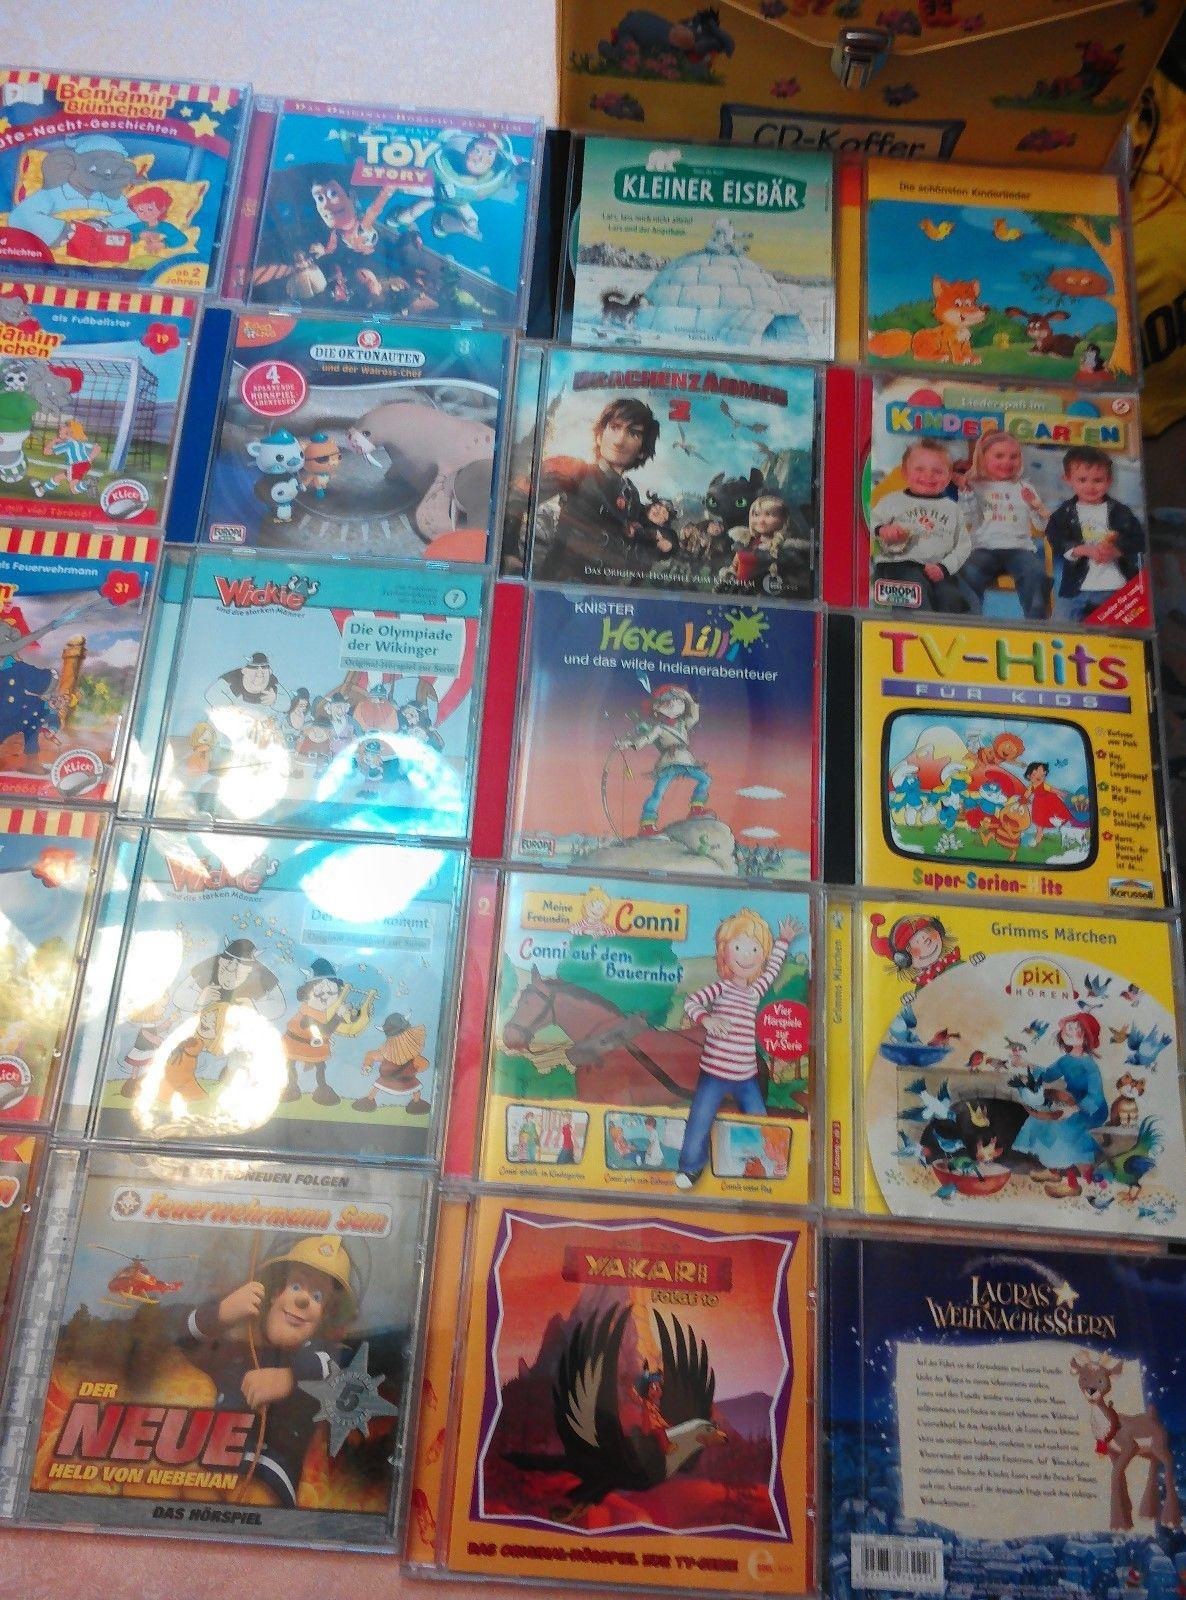 GROßE HÖRSPIELE SAMMLUNG 20 STÜCK CDs KINDER Benjamin Blümchen, Wickie, Feuerweh